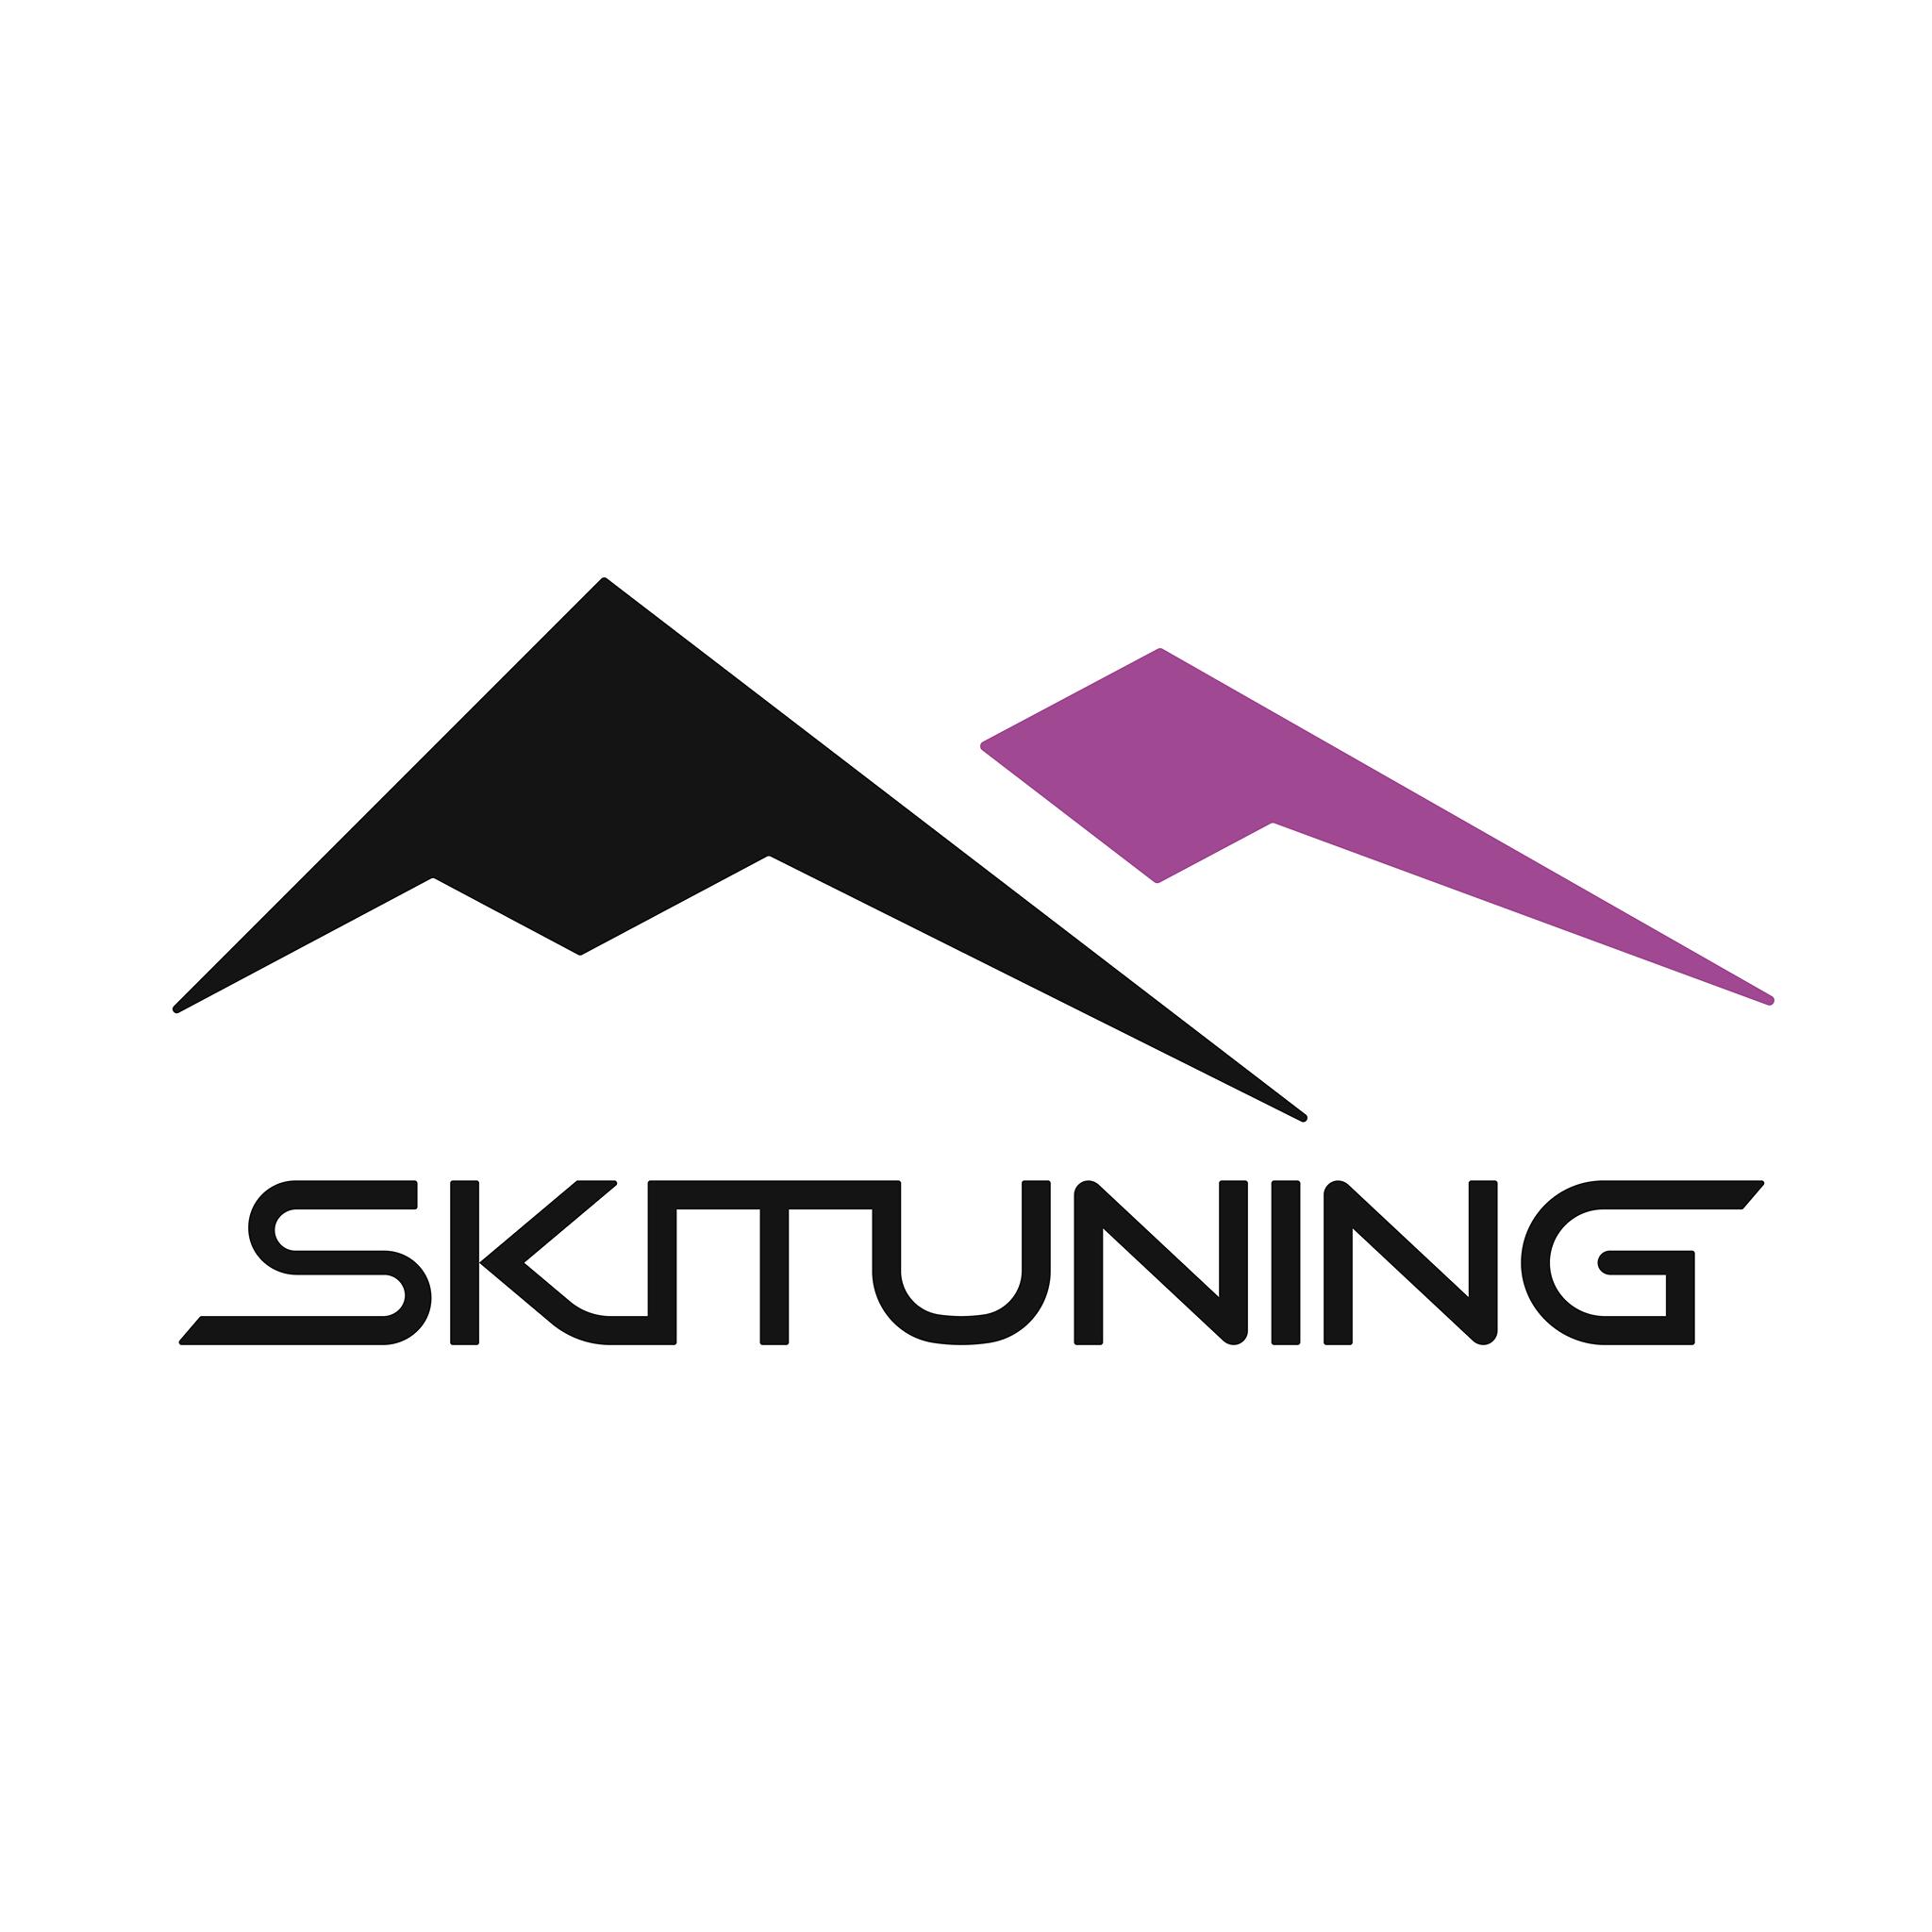 SkiTuning